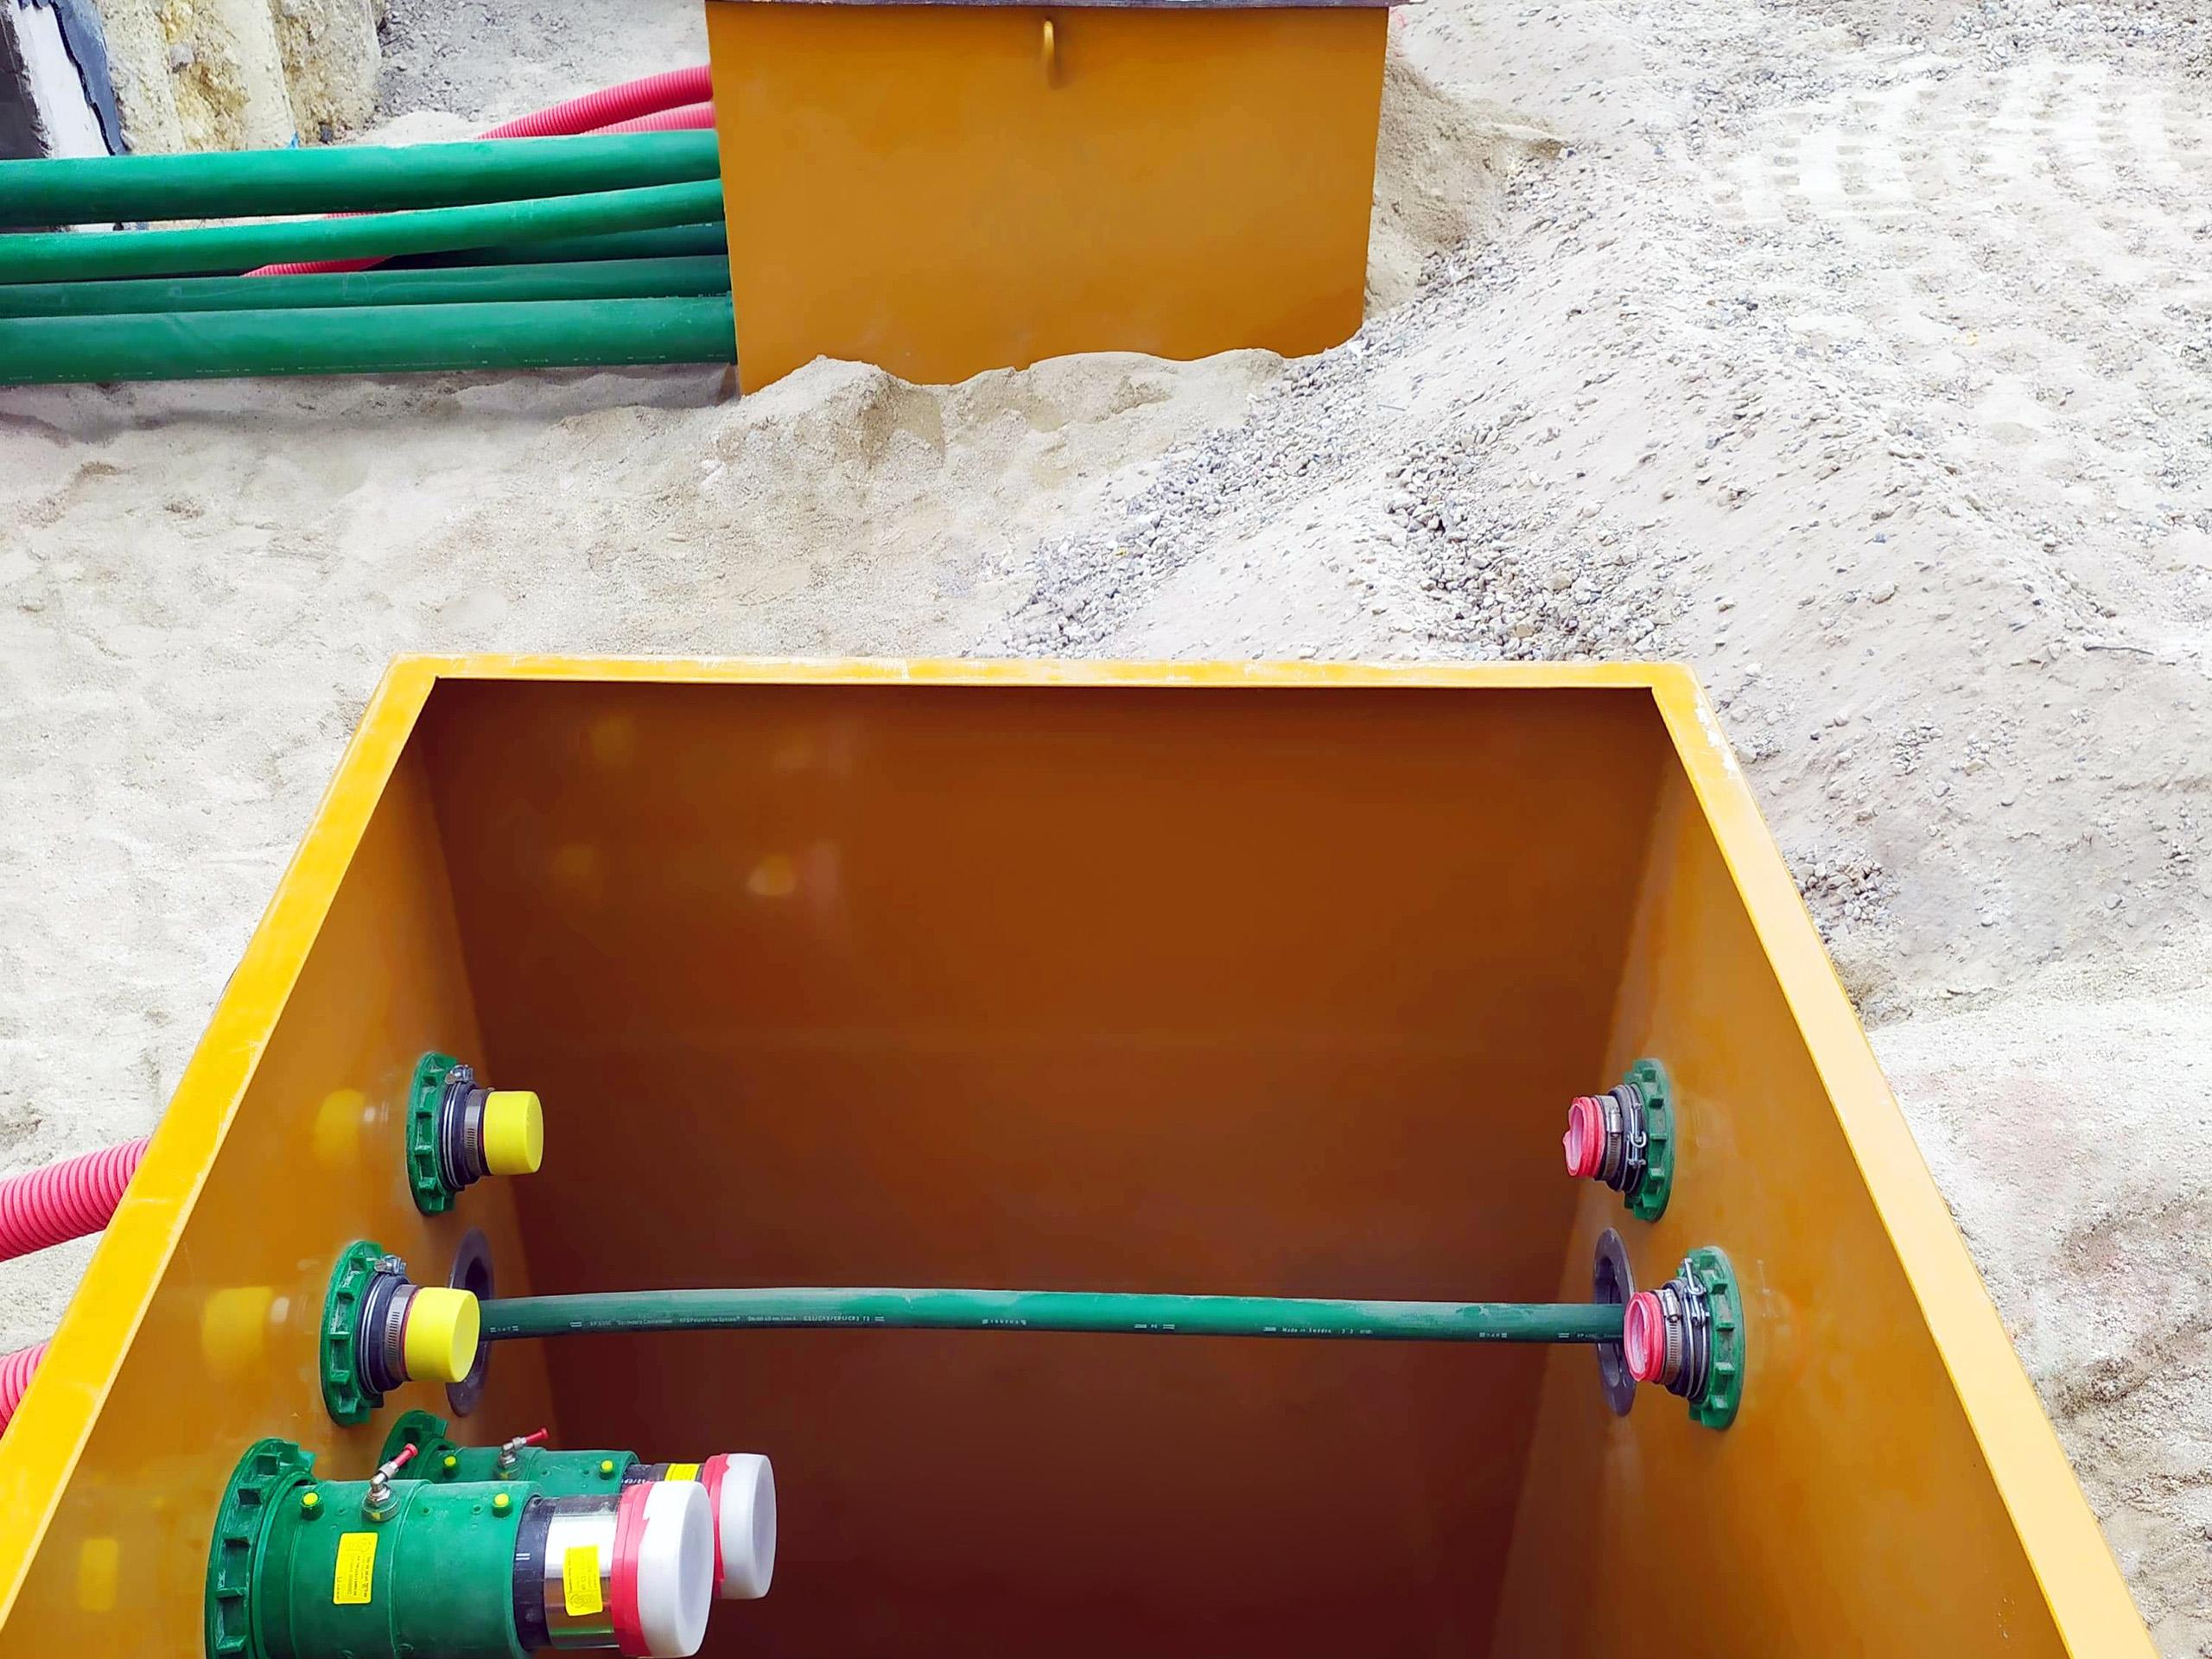 Les tuyaux KPS 4'' Ø125/110 permettent un débit de 933 l/min en toute sécurité